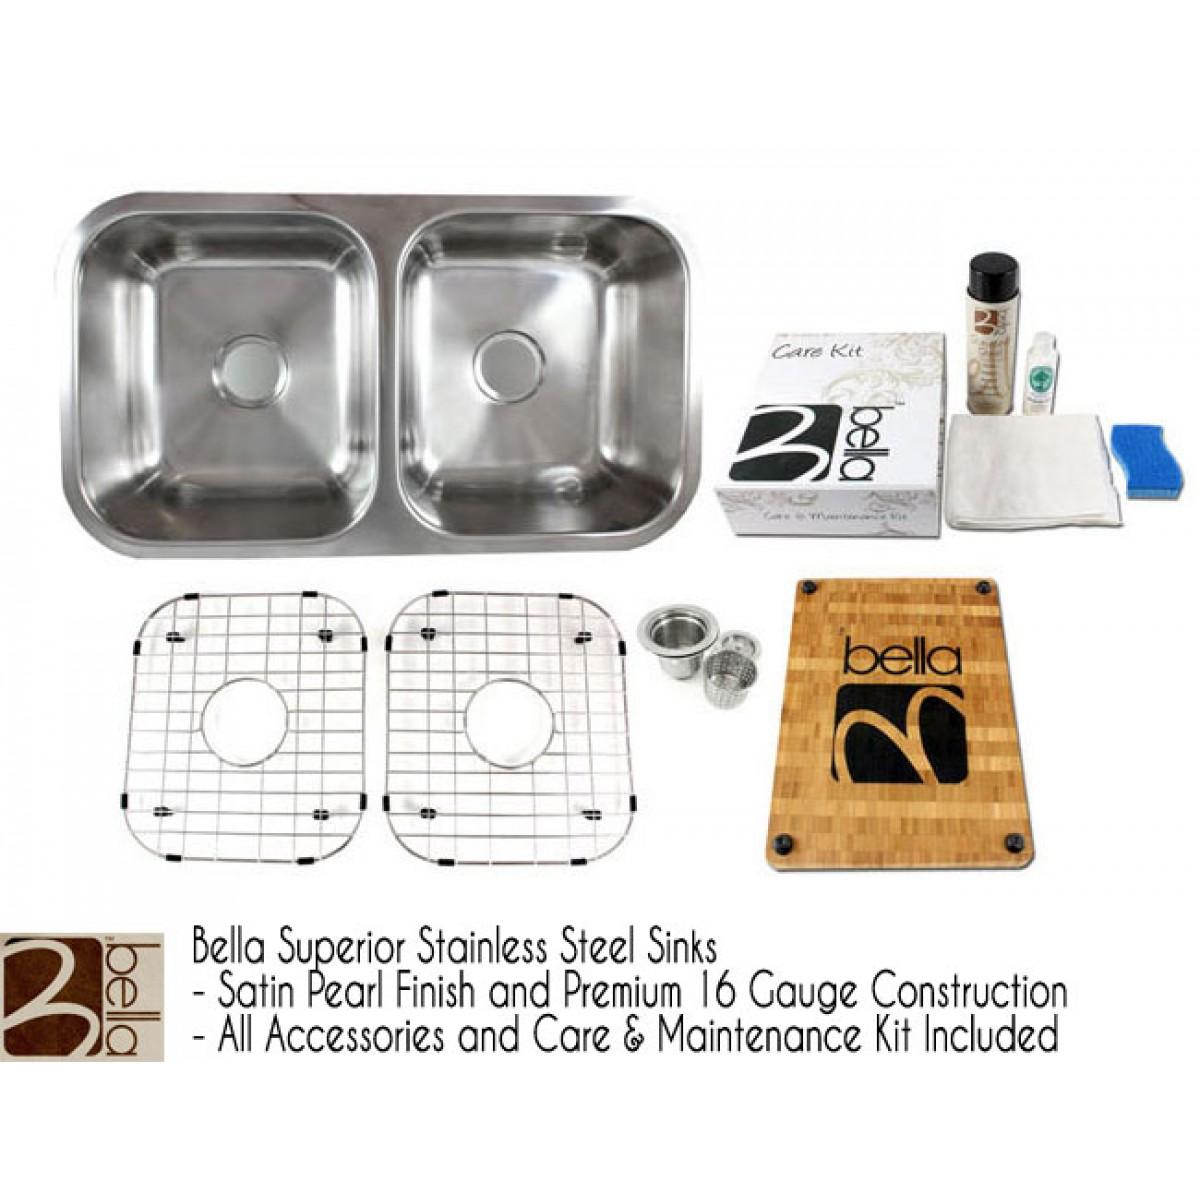 Bella 32 Inch Premium 16 Gauge Stainless Steel Undermount 50/50 Double Bowl  Kitchen Sink With FREE ACCESSORIES